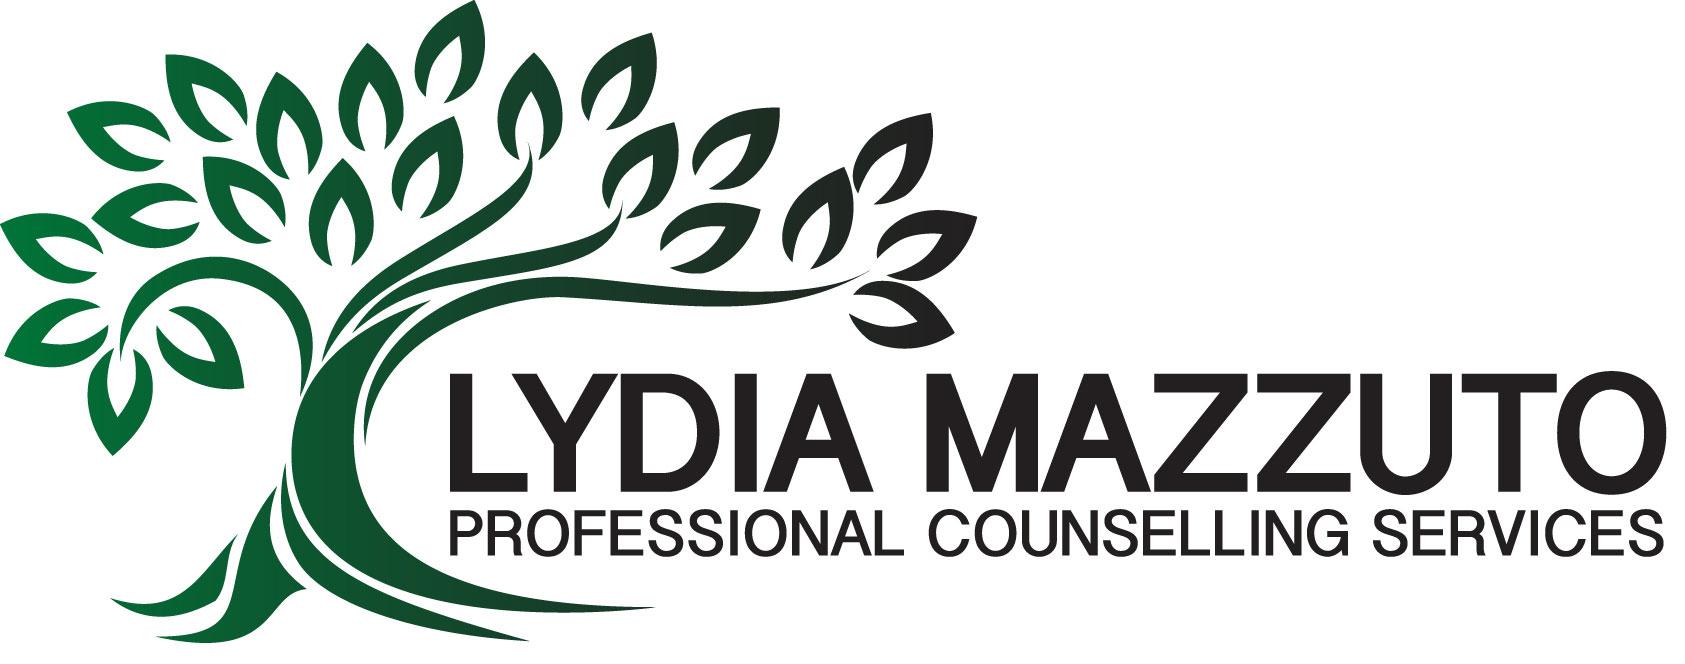 Lydia Mazzuto Professional Counselling